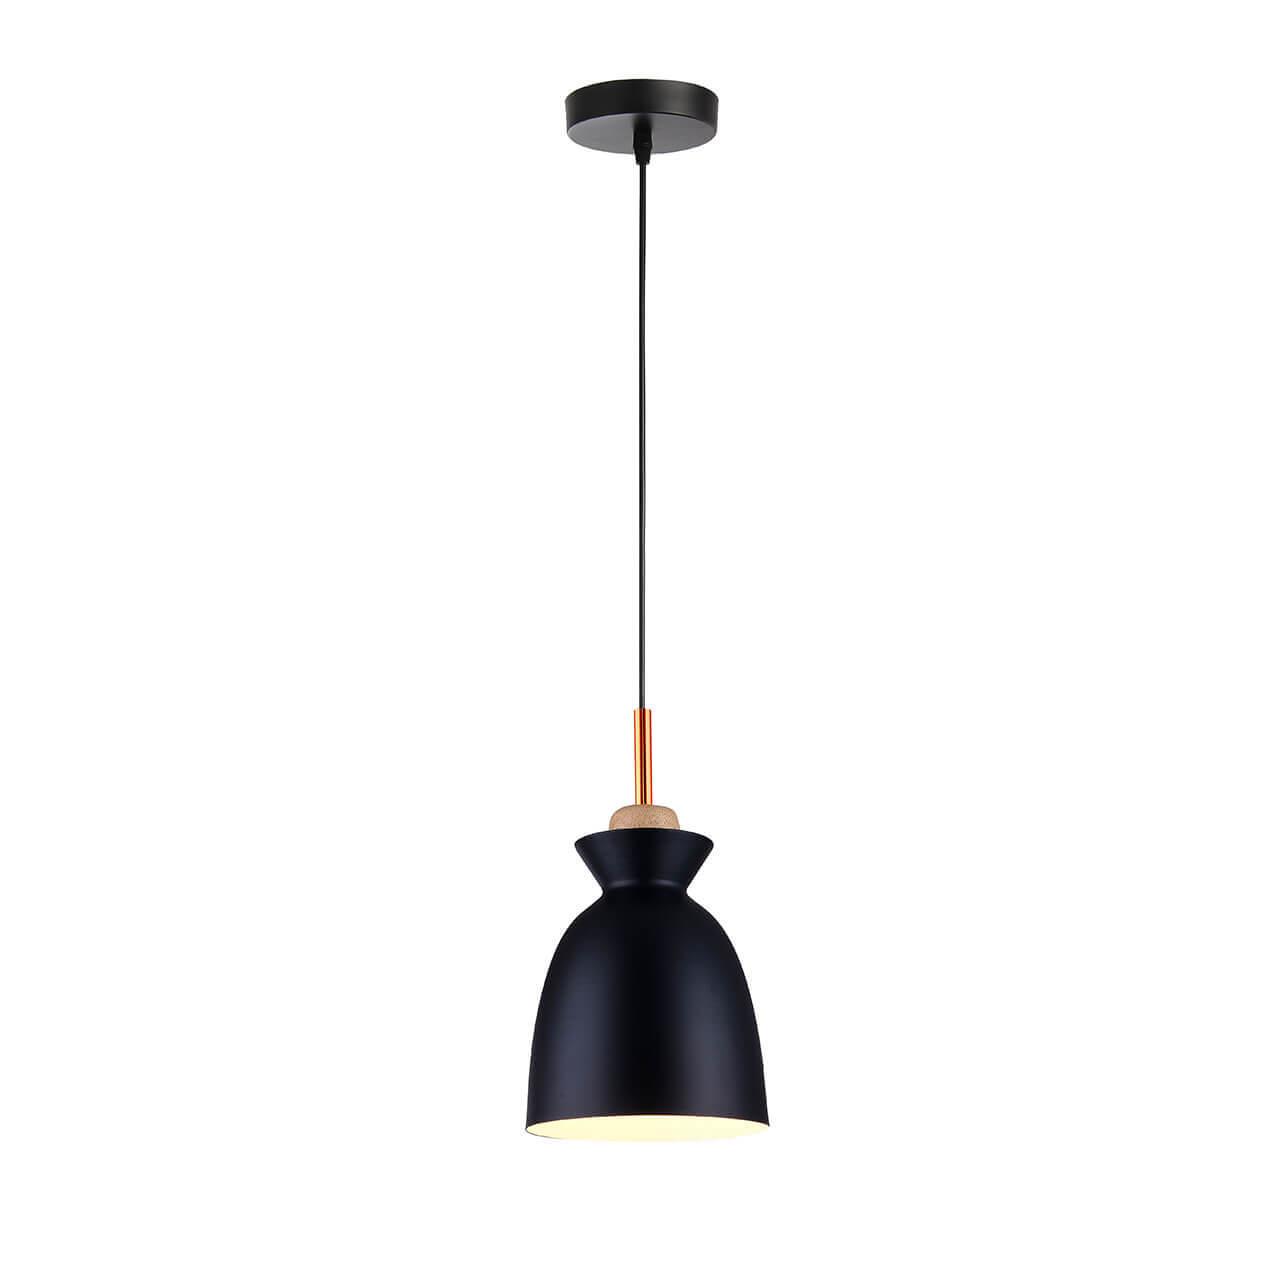 Светильник подвесной Toplight Marylou TL1202H-01BK светильник подвесной toplight laurel tl1201h 01bk